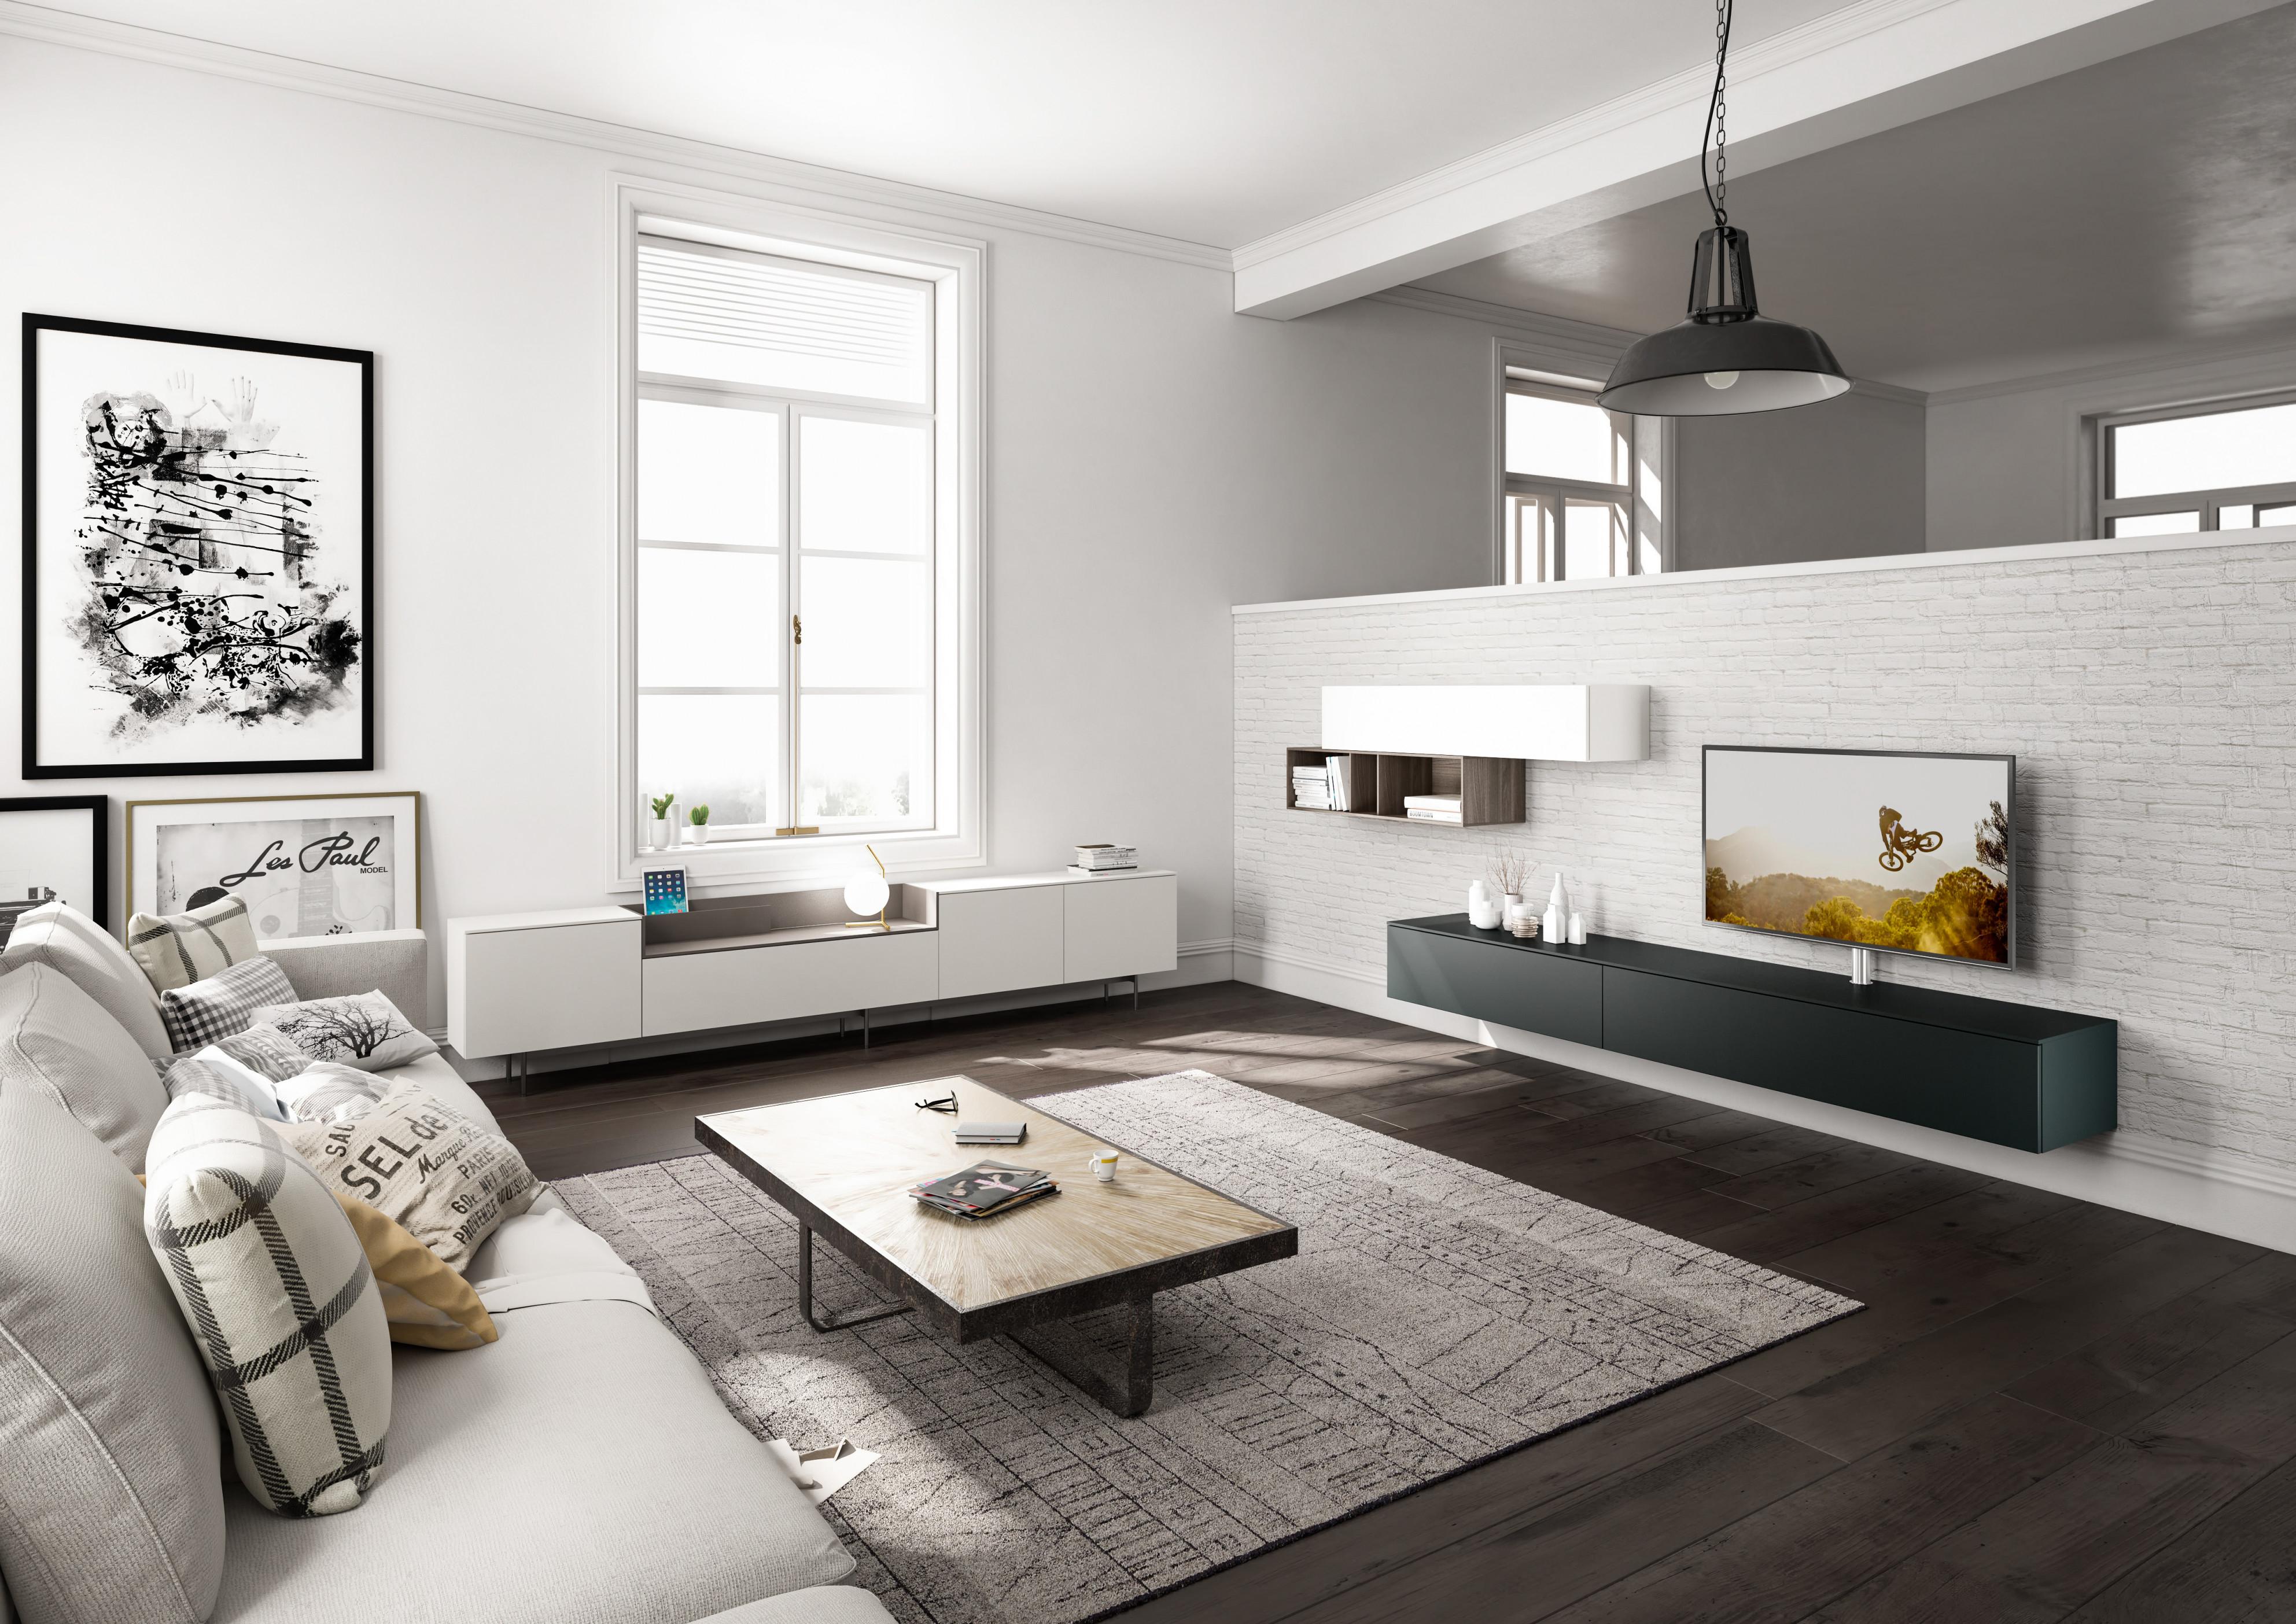 Wohnzimmergestaltung – Die Besten Ideen Tipps  Wohnbeispiele von Einrichtung Wohnzimmer Ideen Photo